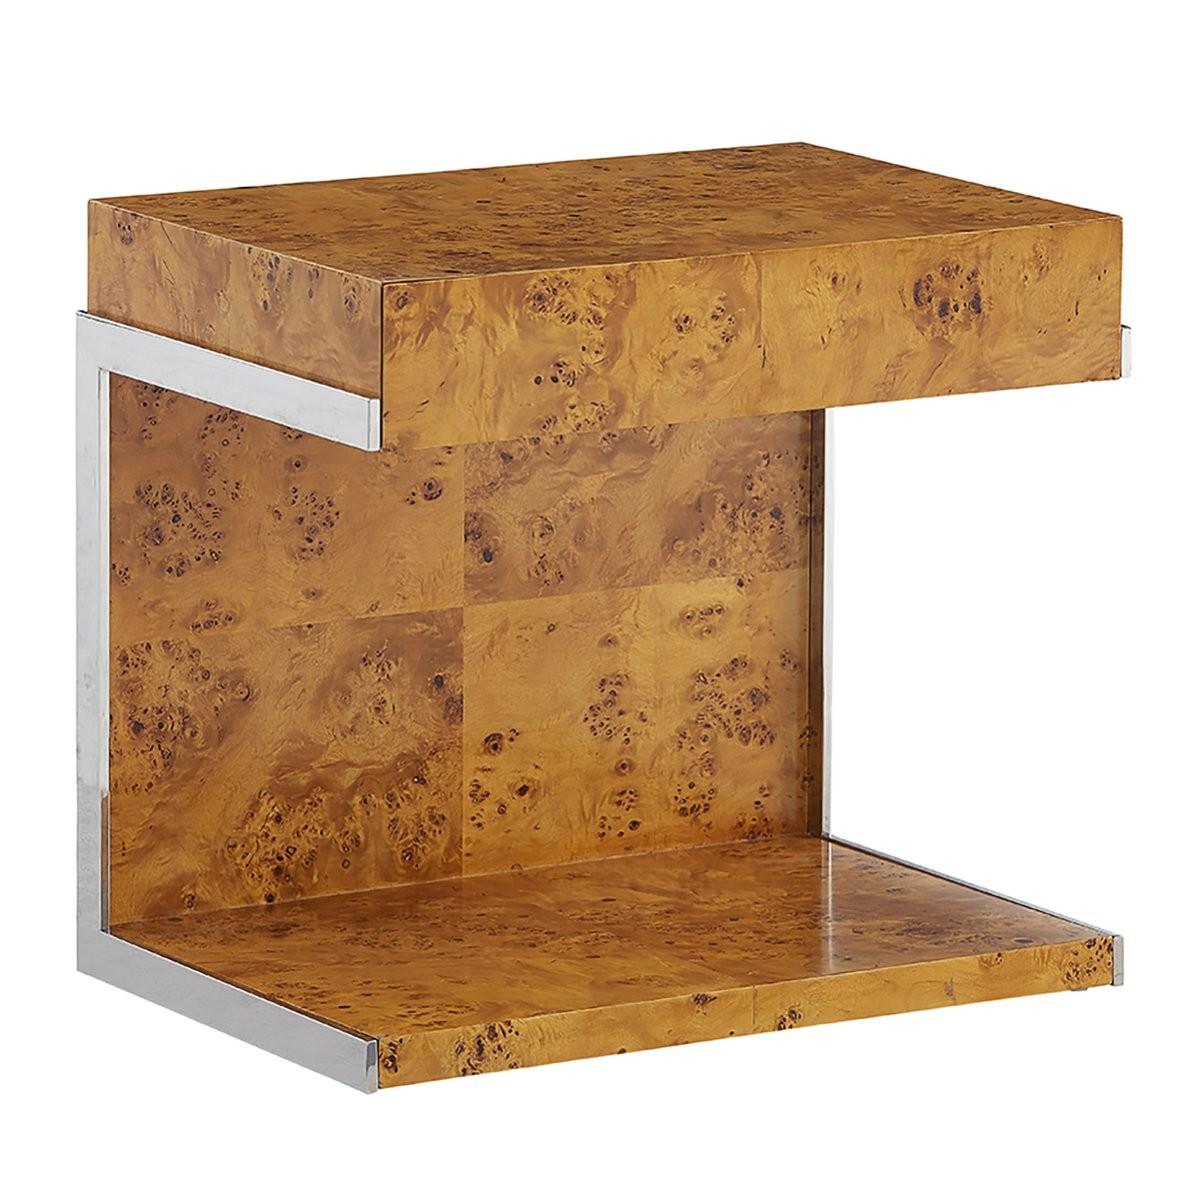 Jonathan Adler I Bond Cantilevered Side Table